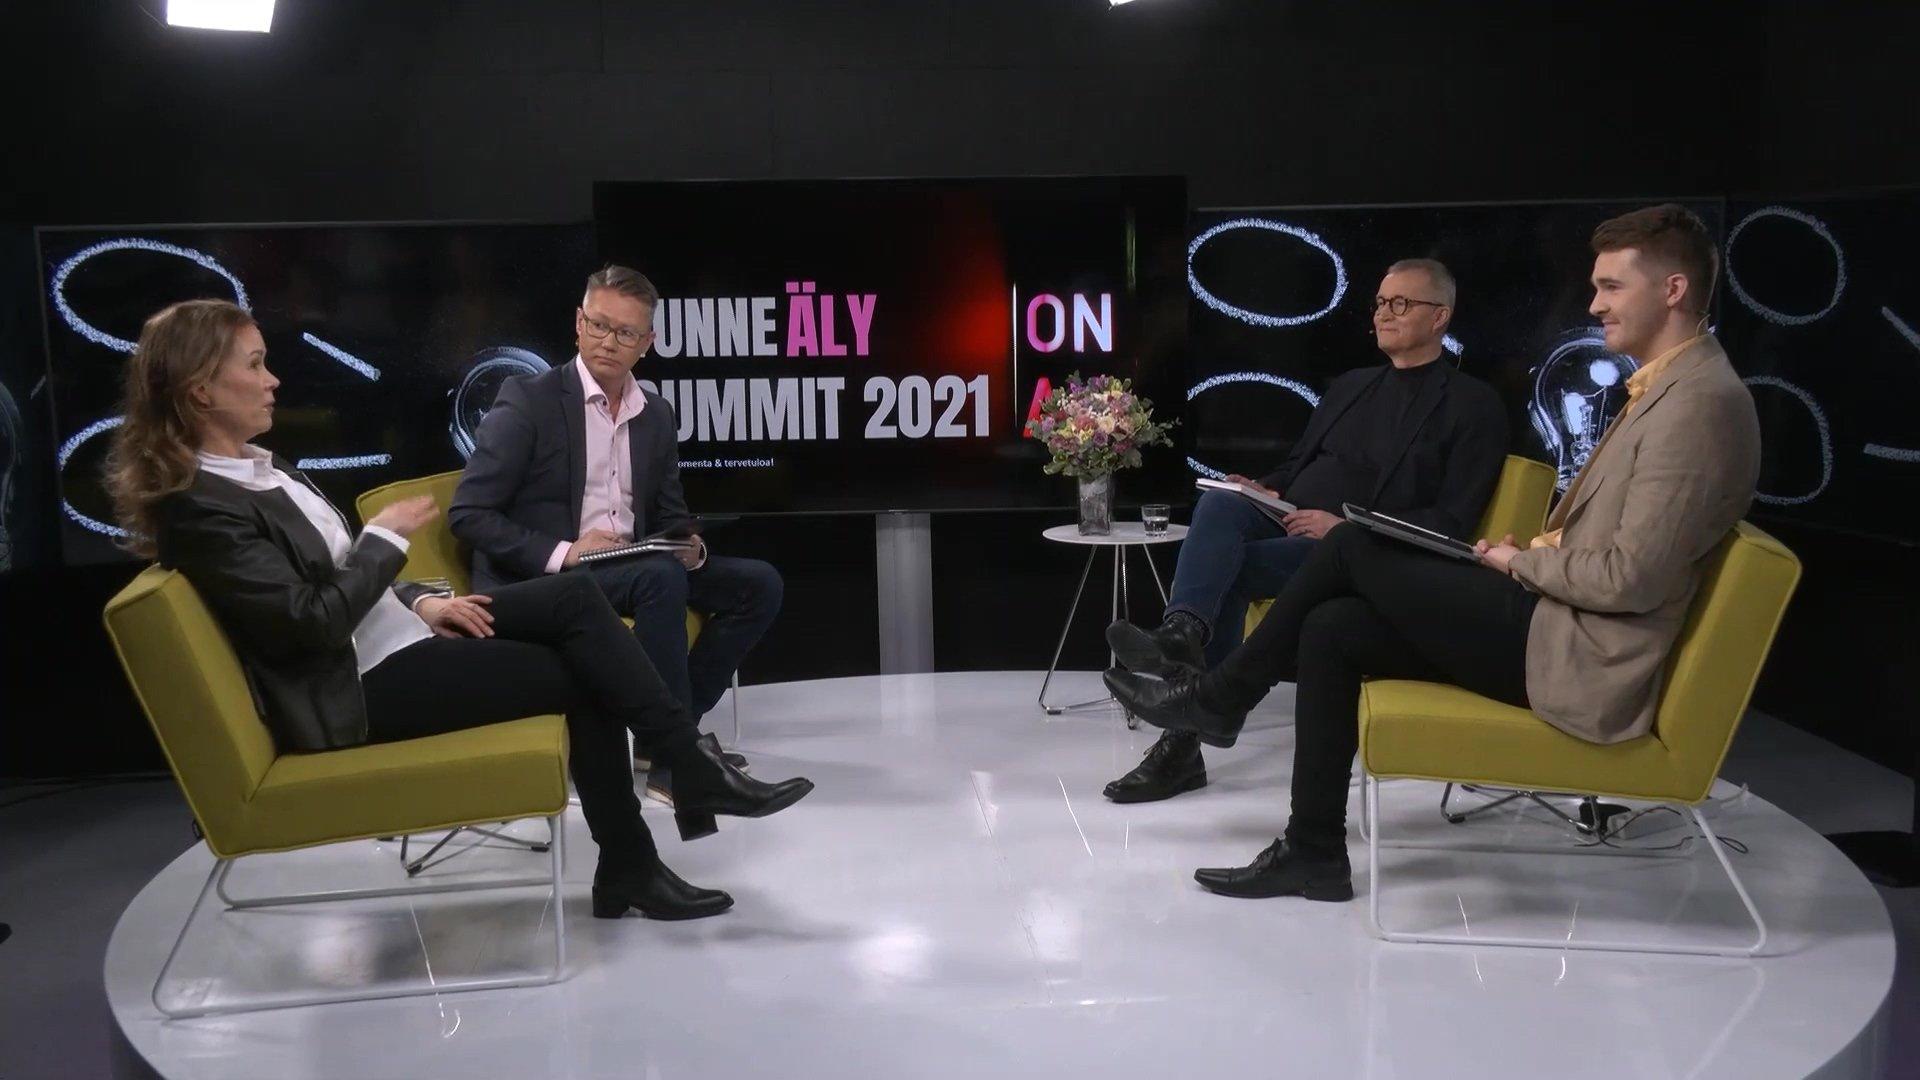 Tunneäly Summit 2021 - Jälkiajatuksia